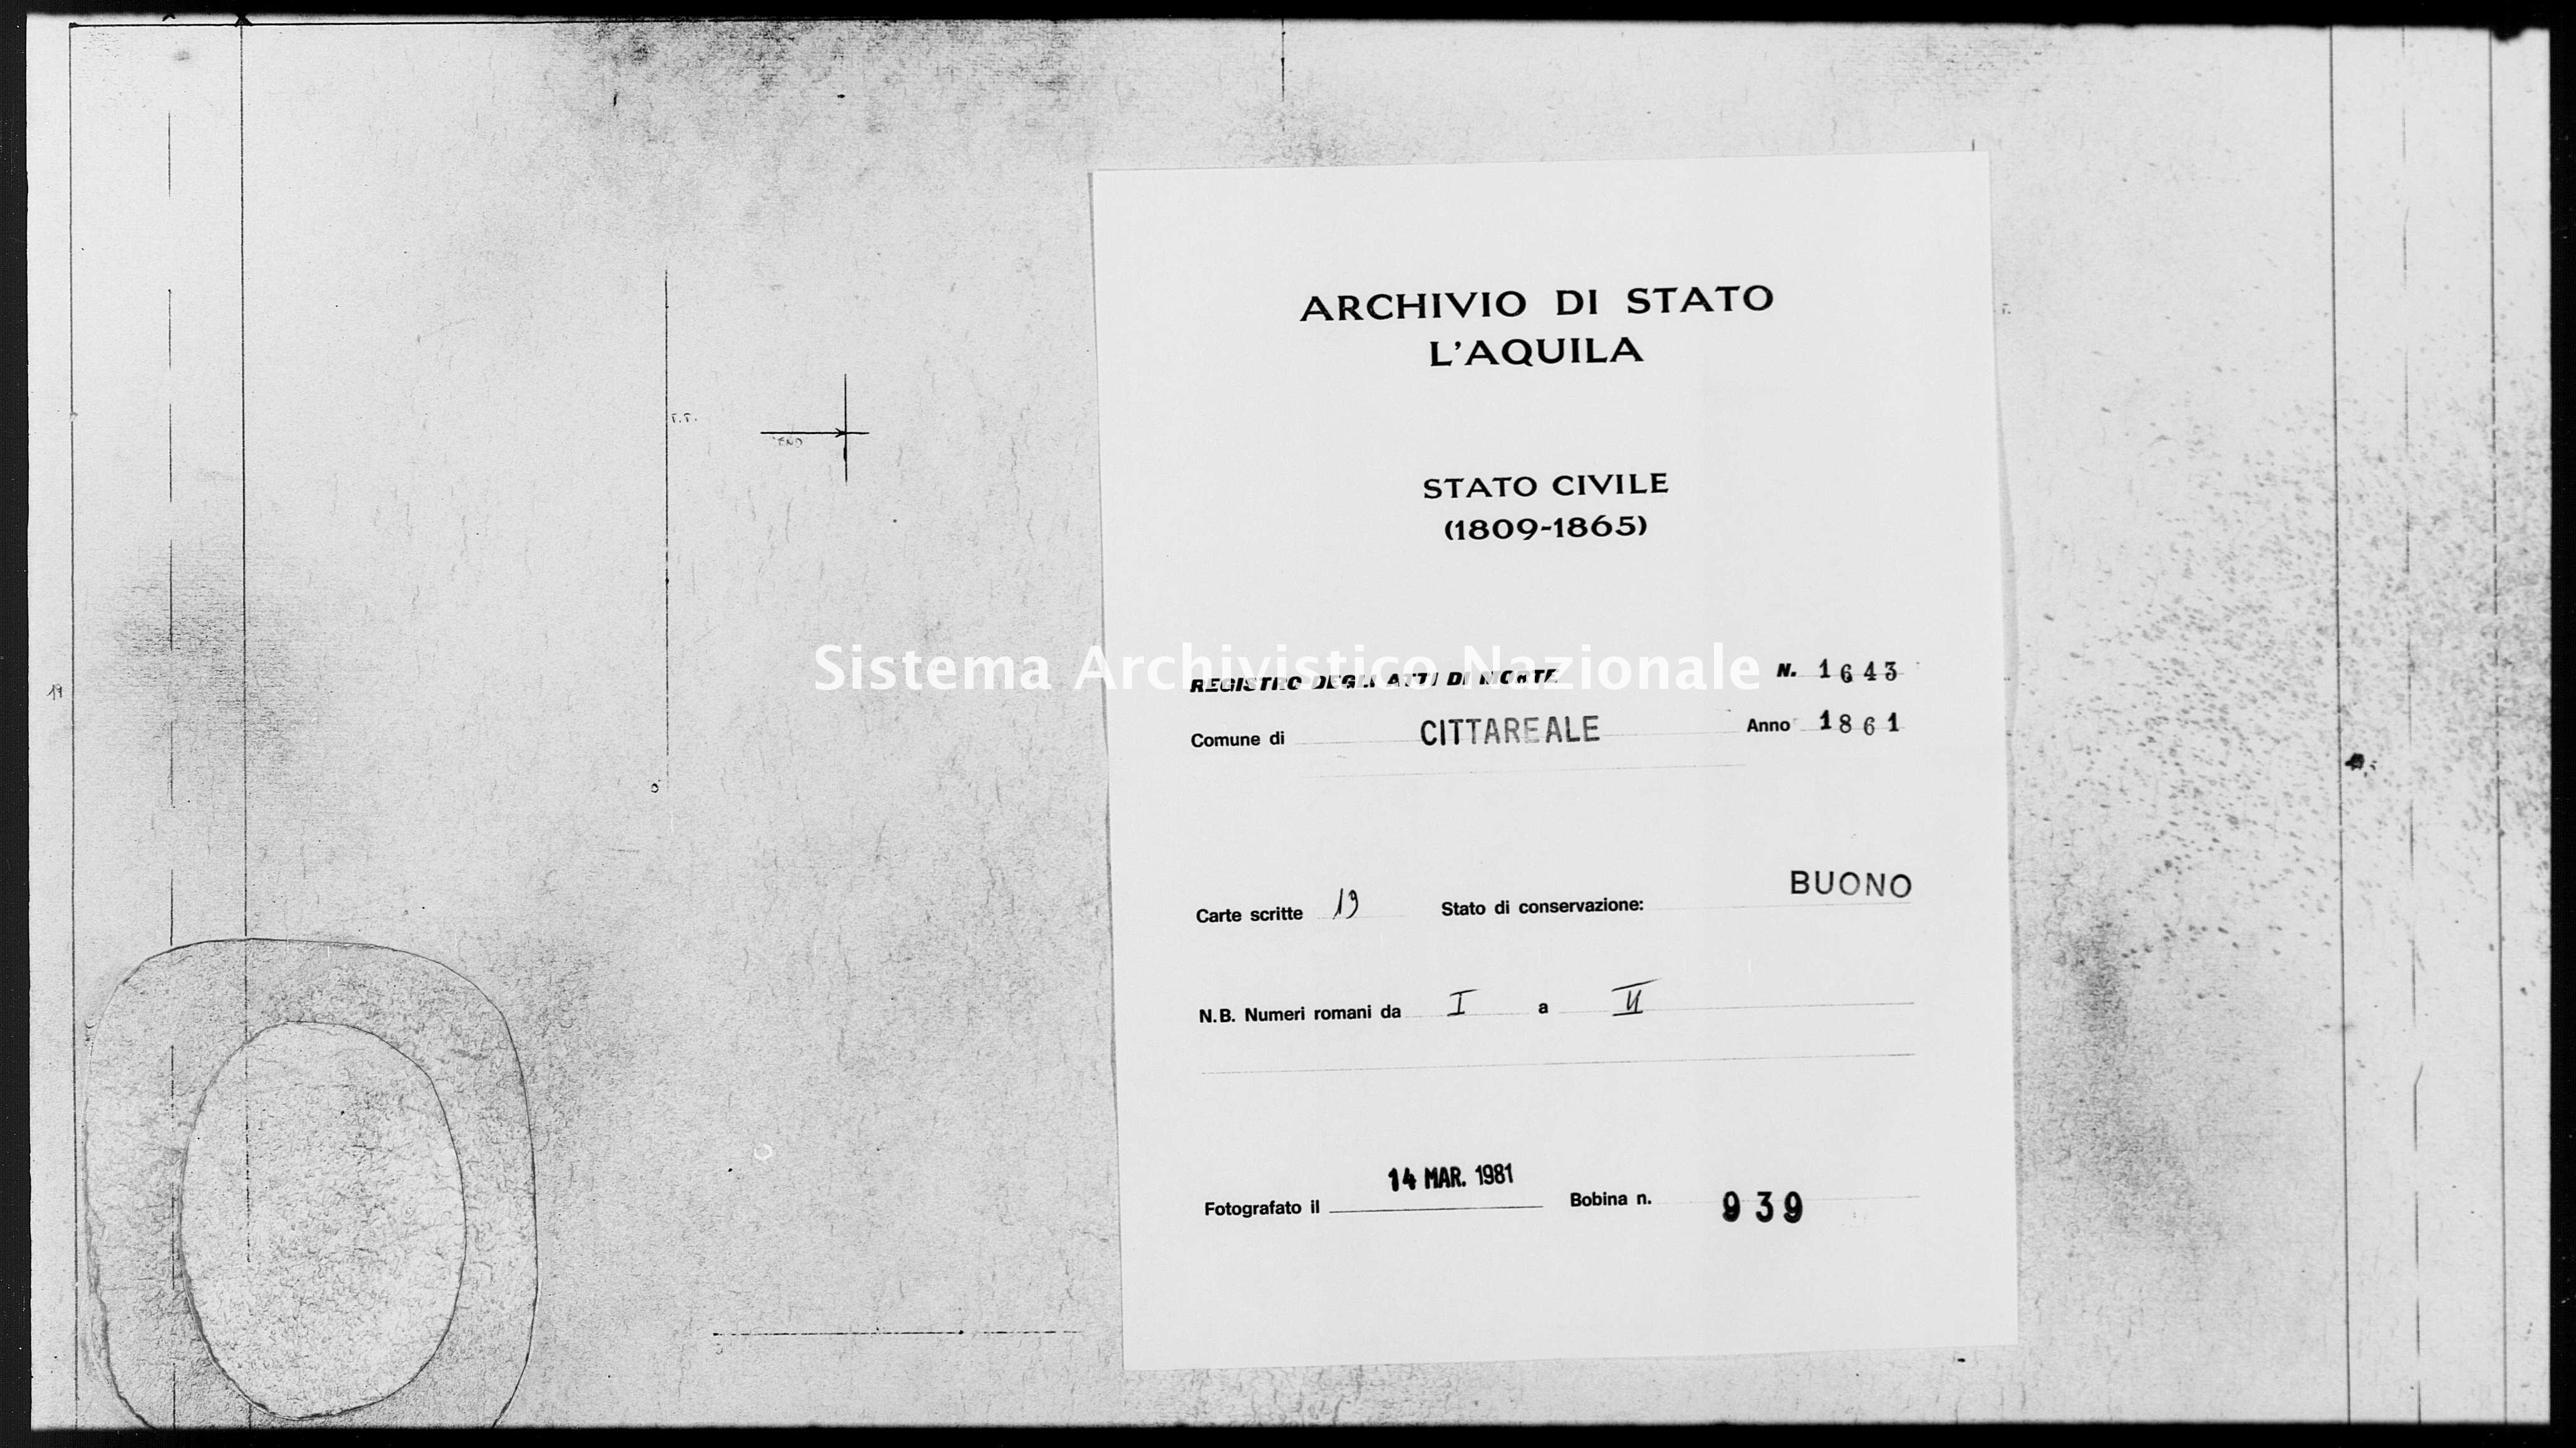 Archivio di stato di L'aquila - Stato civile italiano - Cittareale - Morti - 1861 - 1643 -